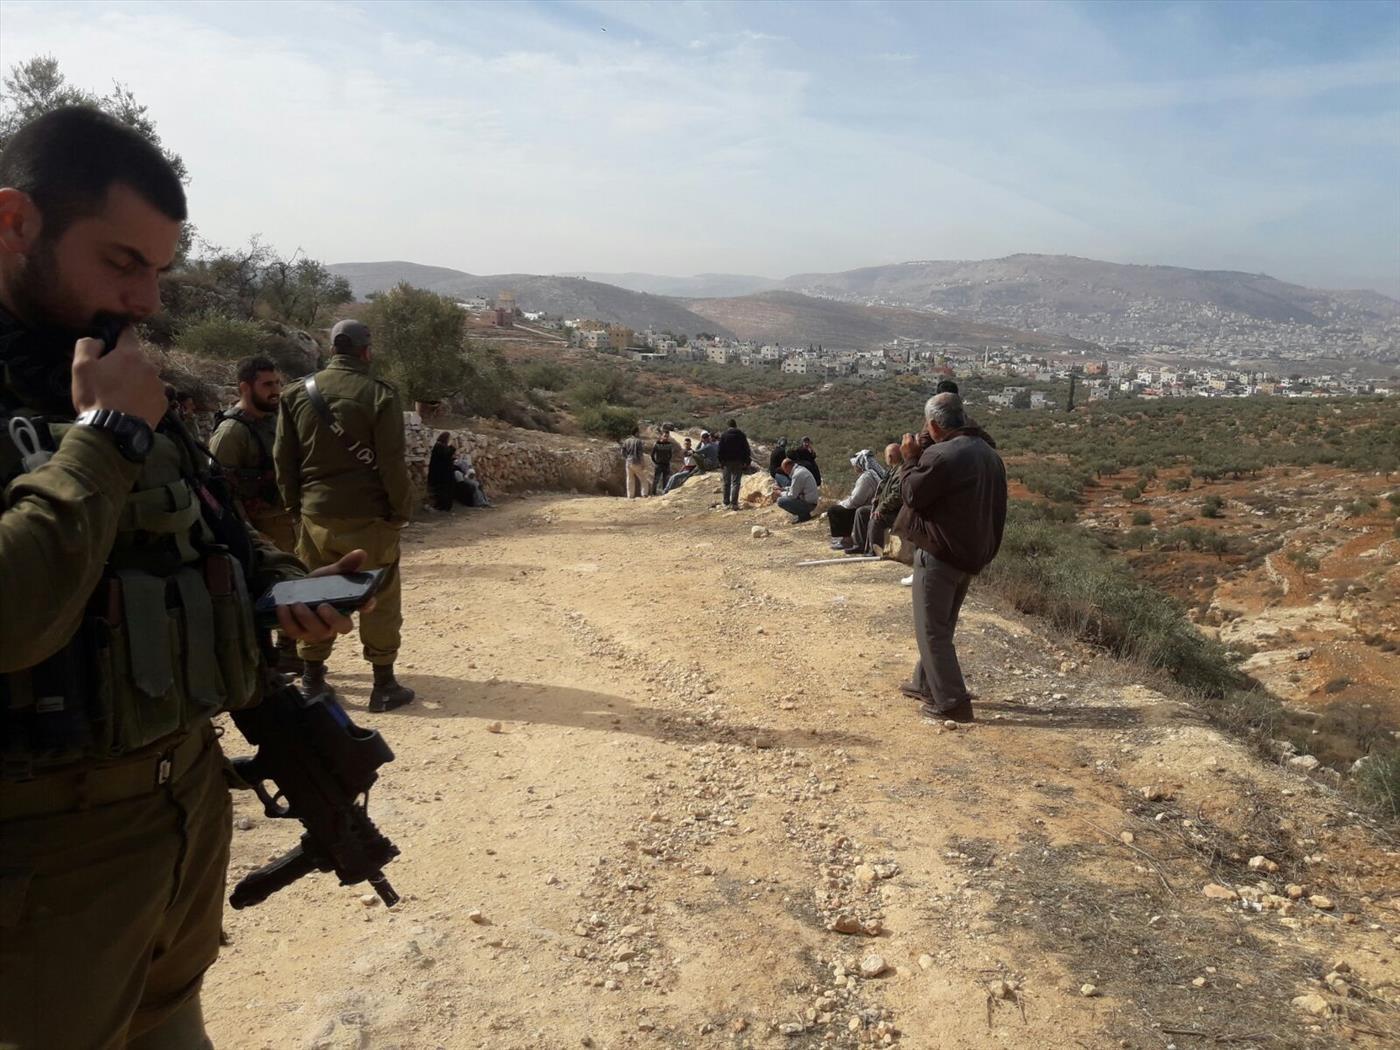 ערבים וחיילים סמוך לגבעה החדשה. צילום: צבי סוכות